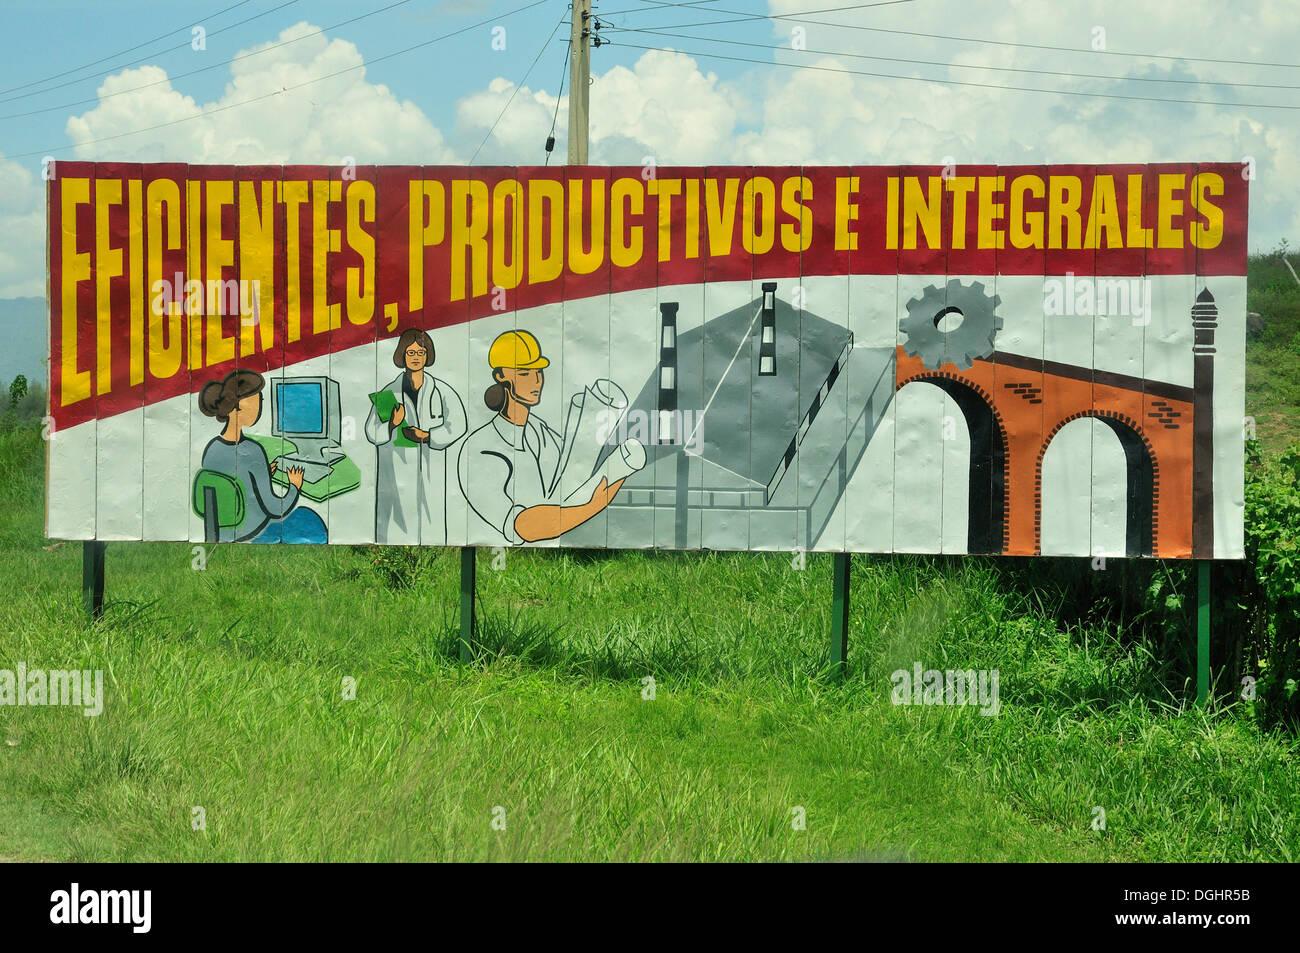 Revolutionary propaganda, Eficientes, procuctivos y integrales, Efficient, productive and industrious, near Las Tunas, Cuba - Stock Image